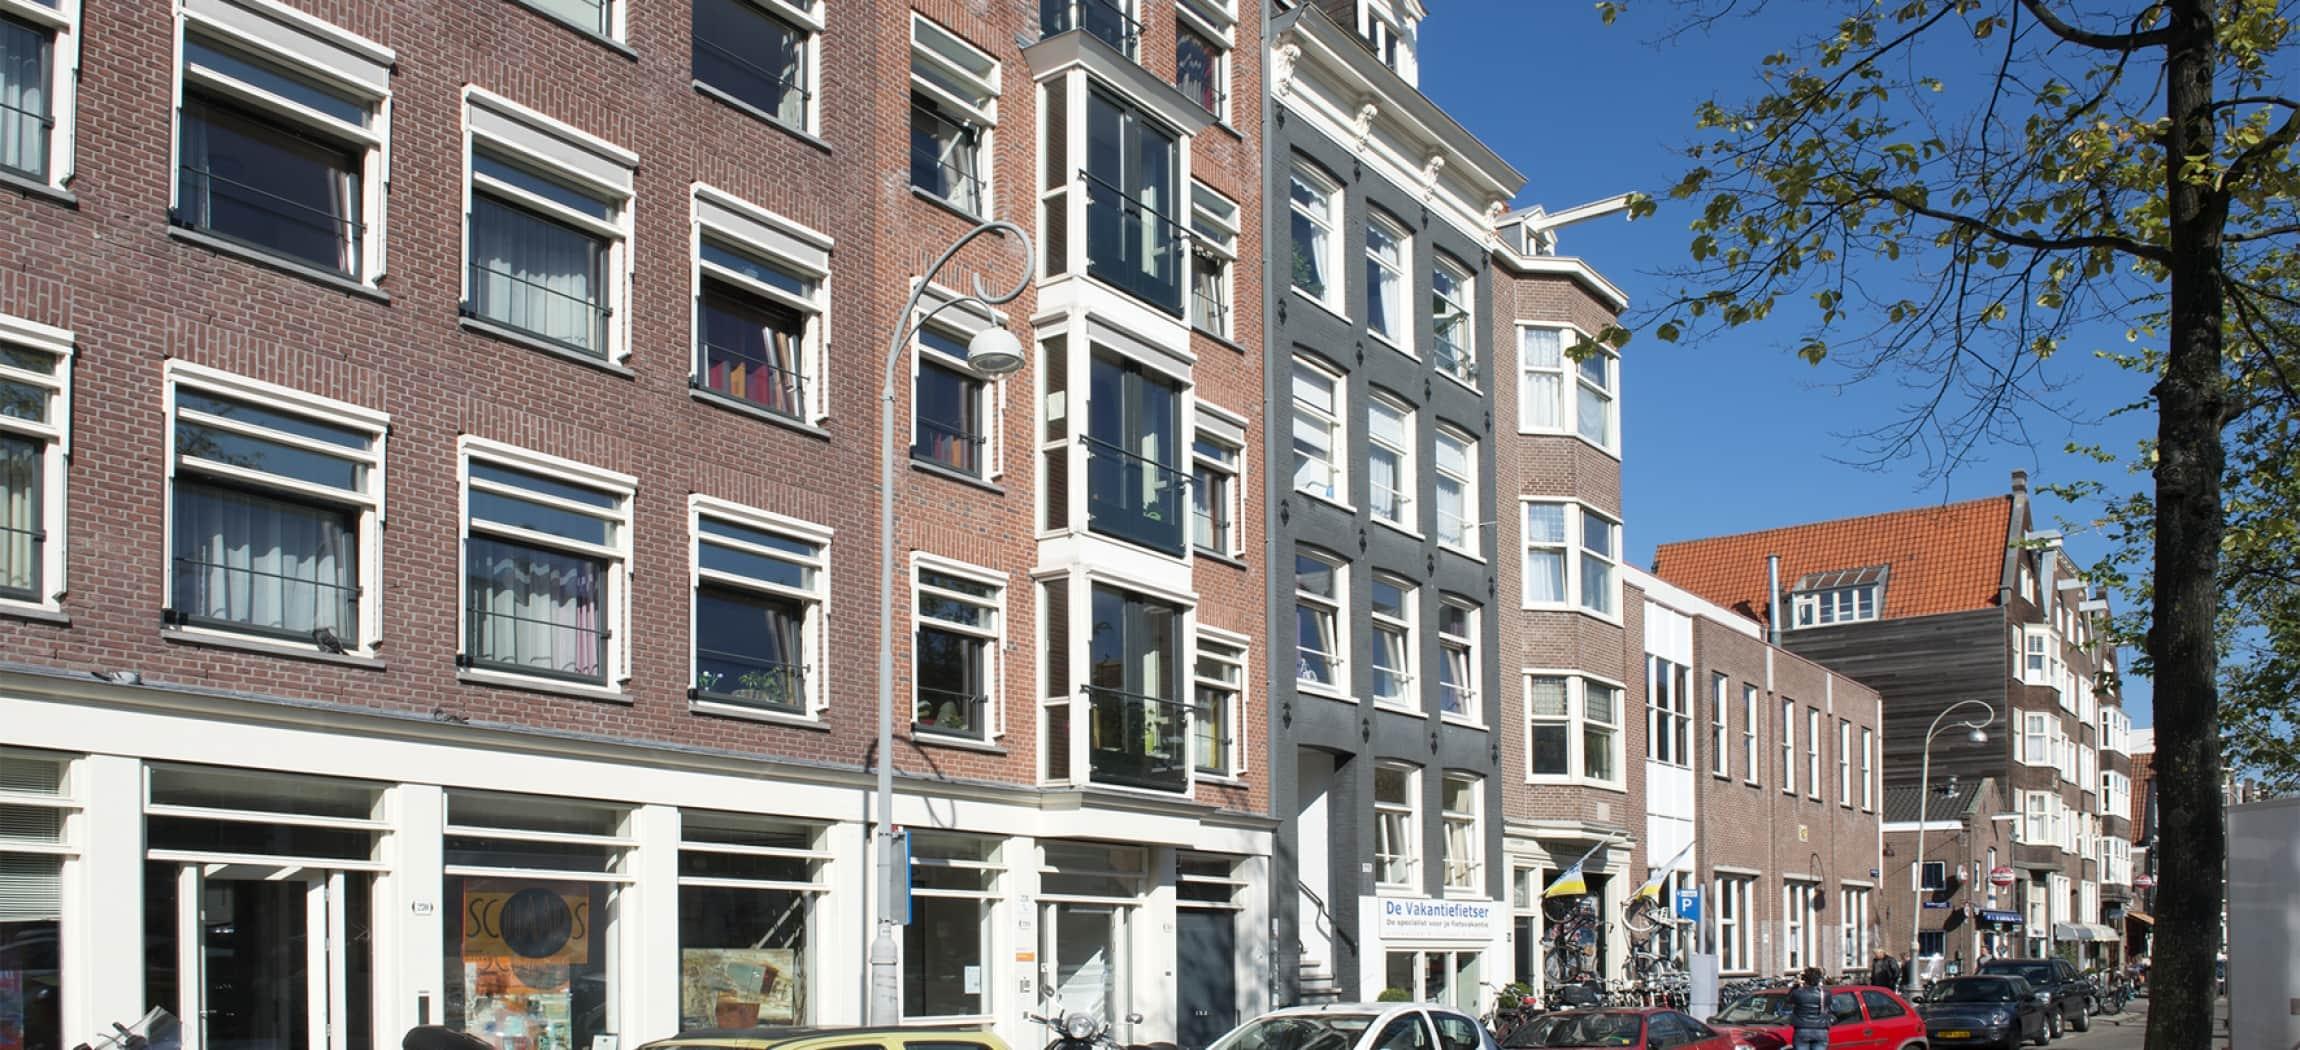 Amsterdamse panden aan de Westerstraat in de Jordaan